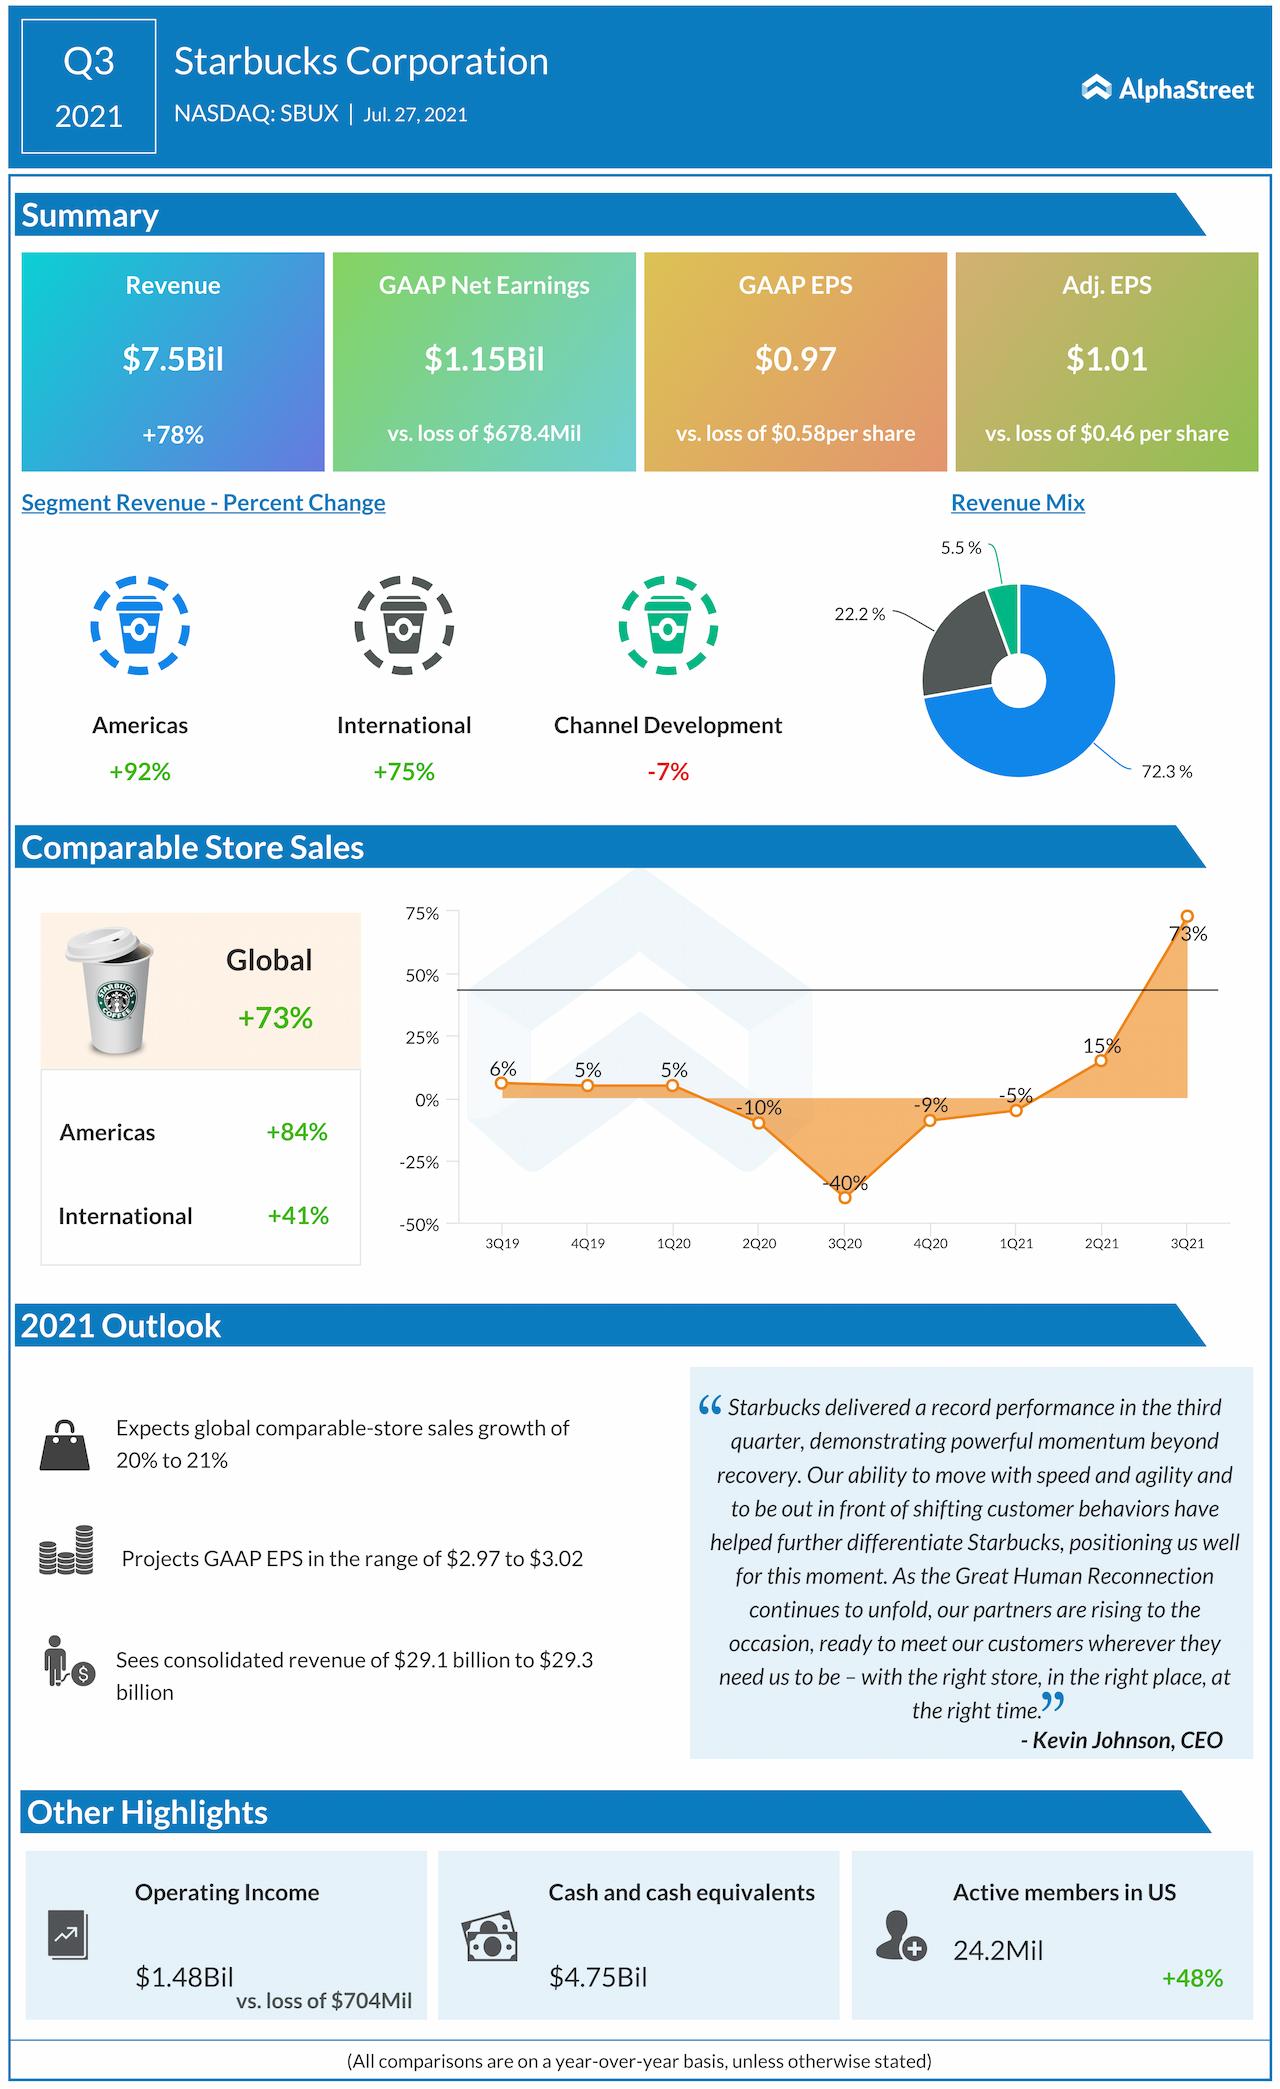 Starbucks Q3 2021 earnings infographic